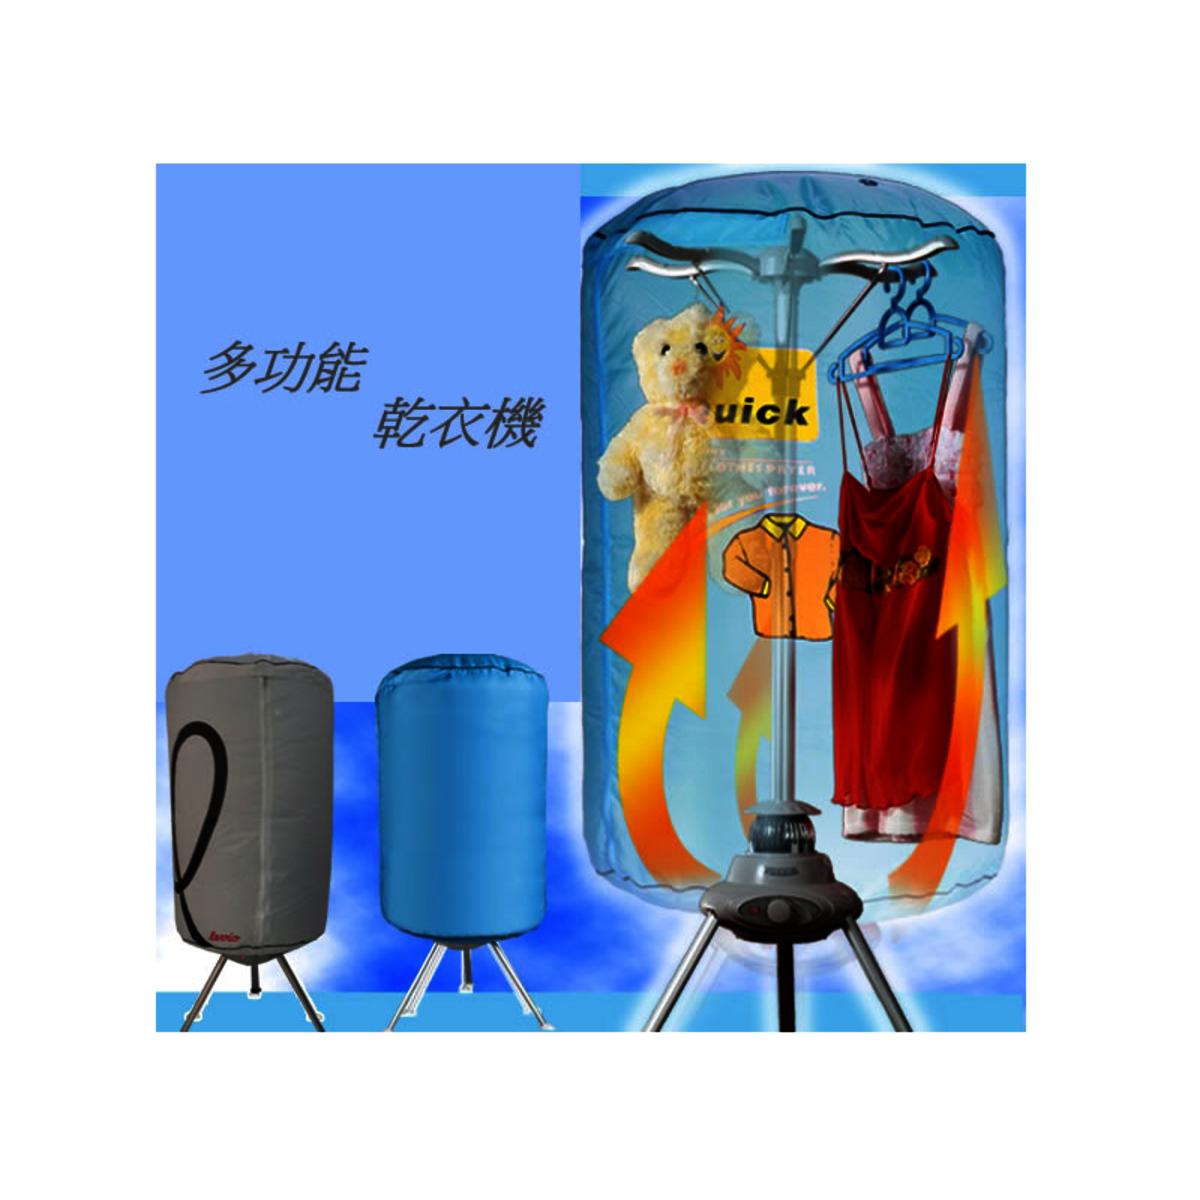 Multi-purposes drying machine